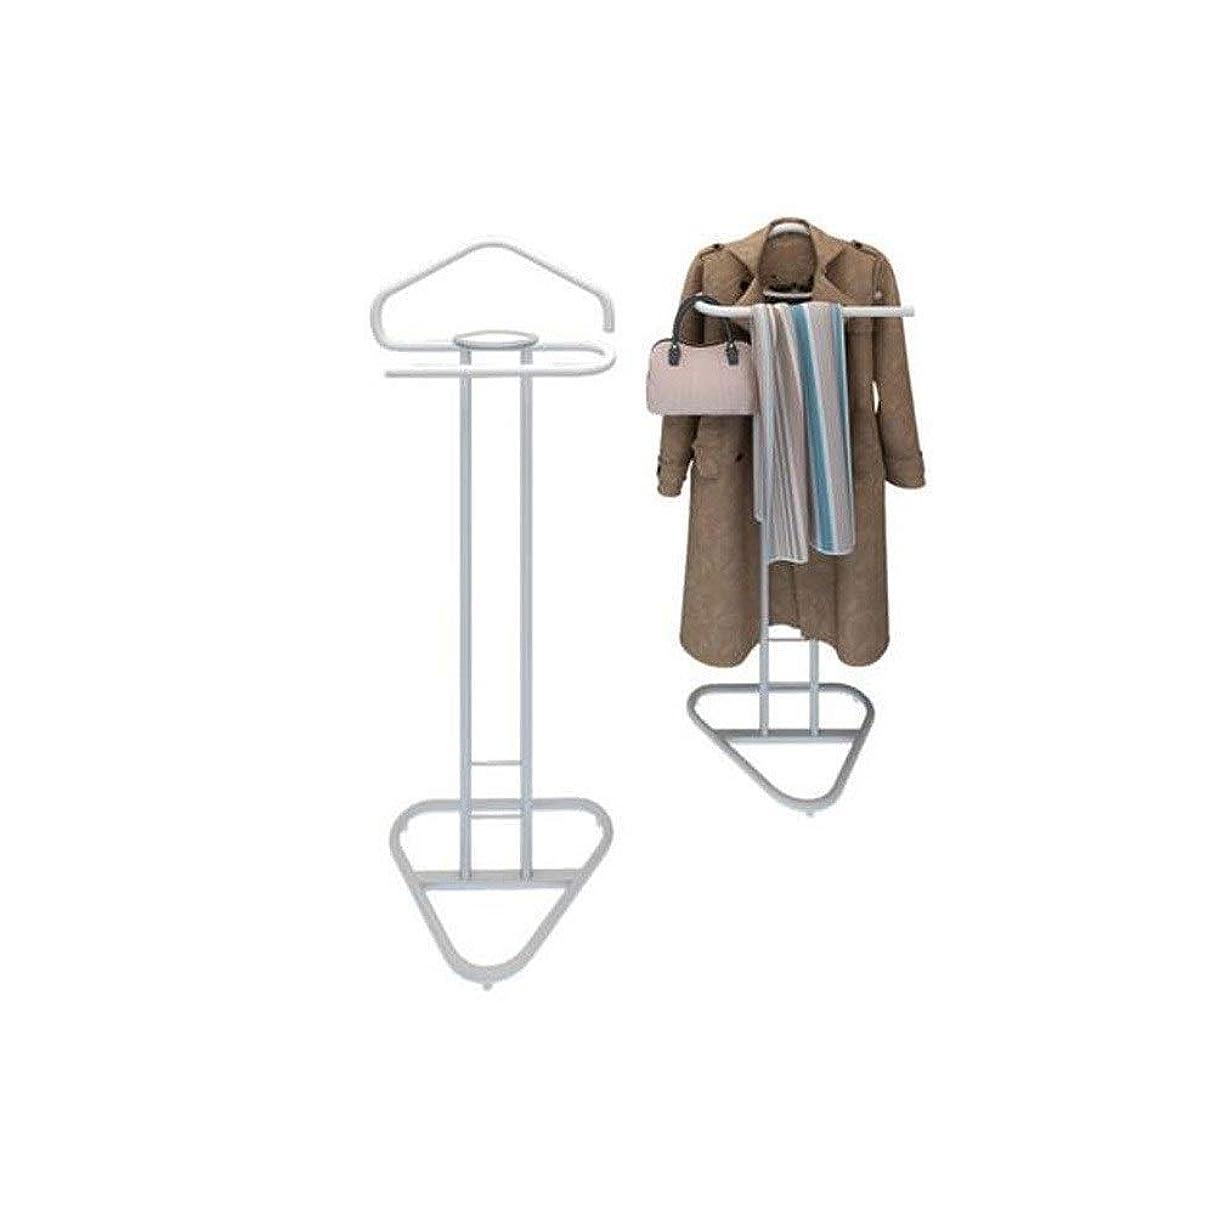 モニター本土道路を作るプロセスCHAHANG 天井ハンガーシンプルな服にコートラックフロアコートフロアハンガースーツラックホワイトスタンド (Color : Black)